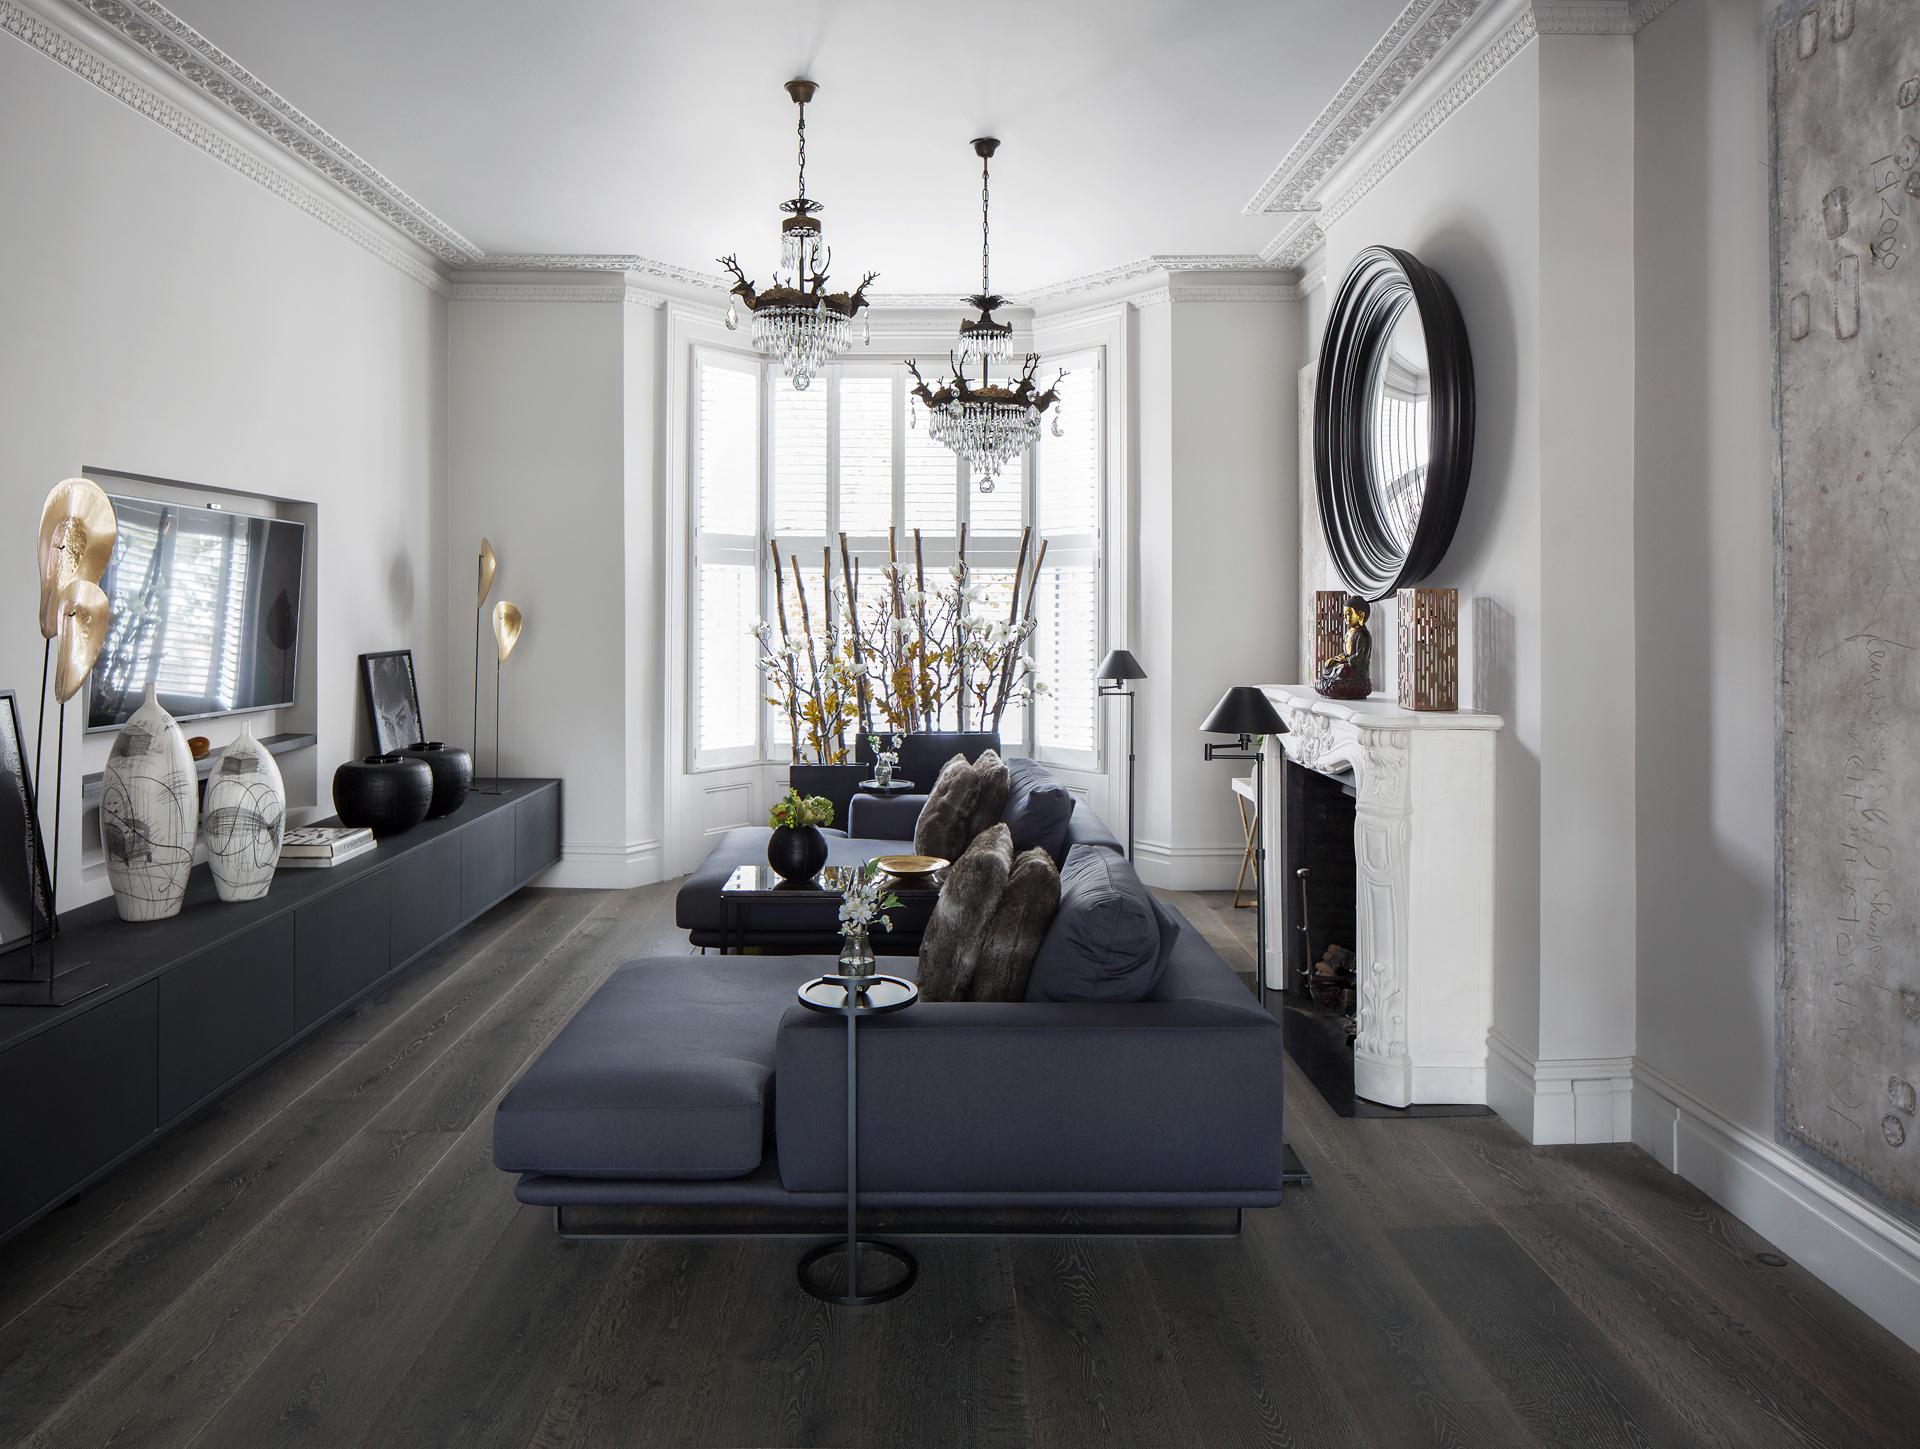 гостиная телевизор диваны люстра деревянный пол